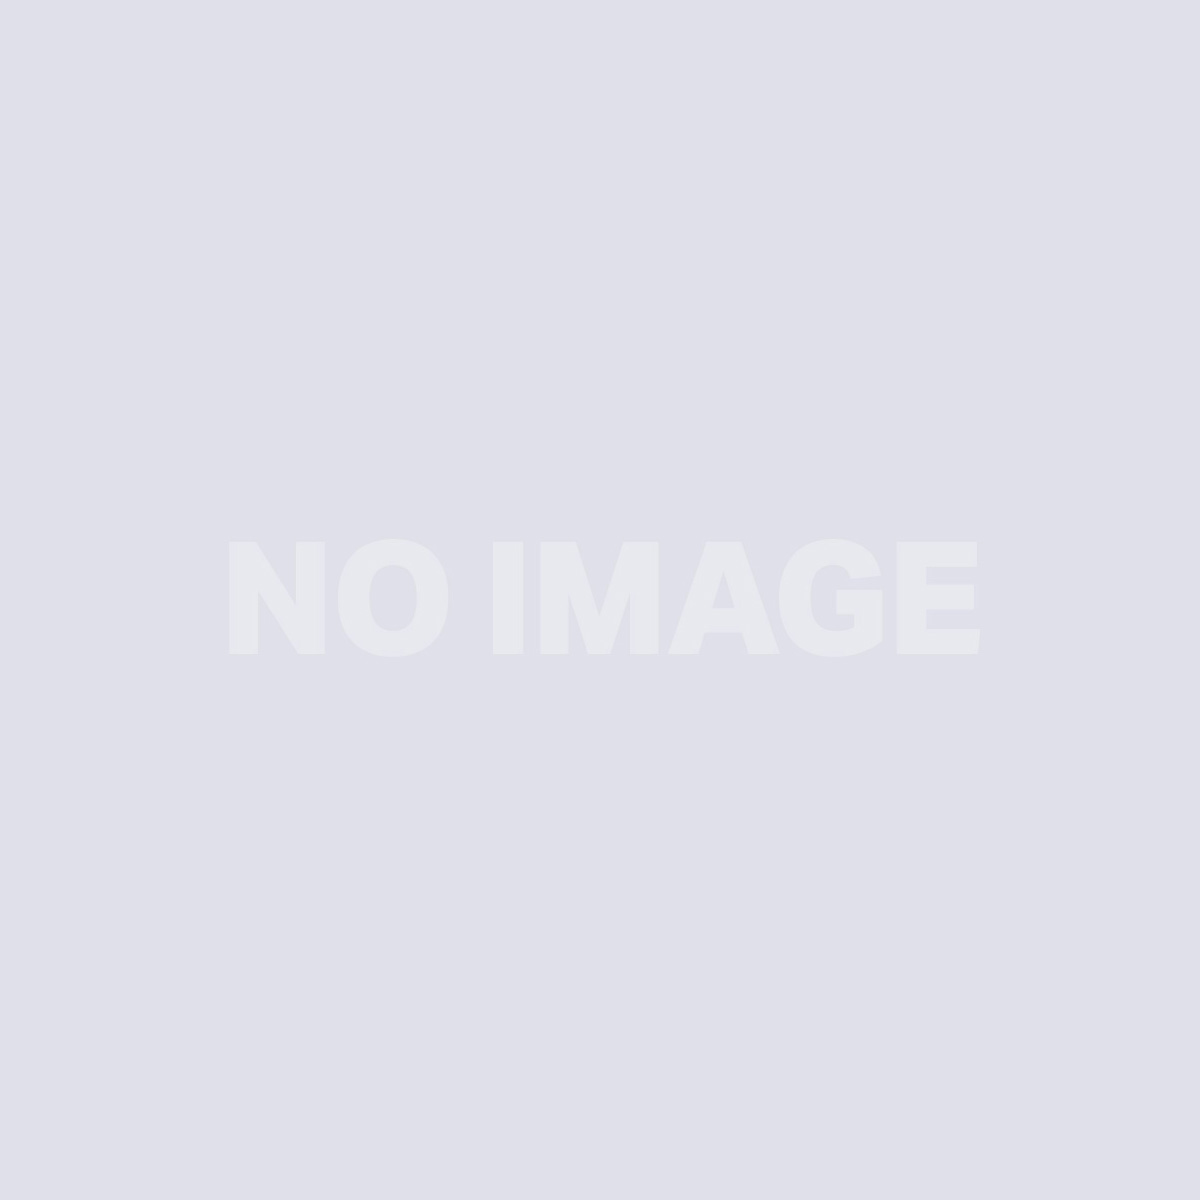 100/32 Nylon Swivel Castor with Ball Bearings and Brake